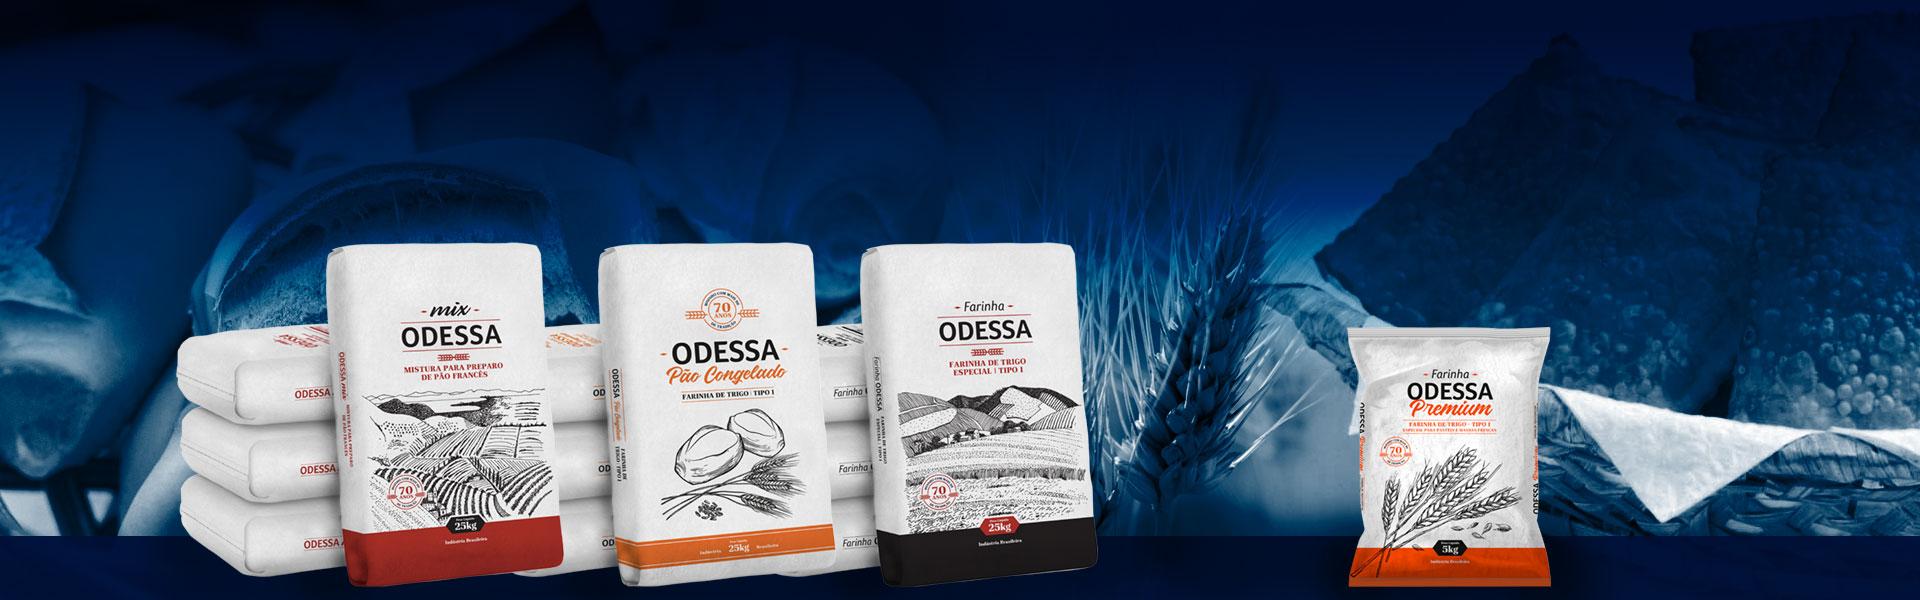 Banner-Odessa-01